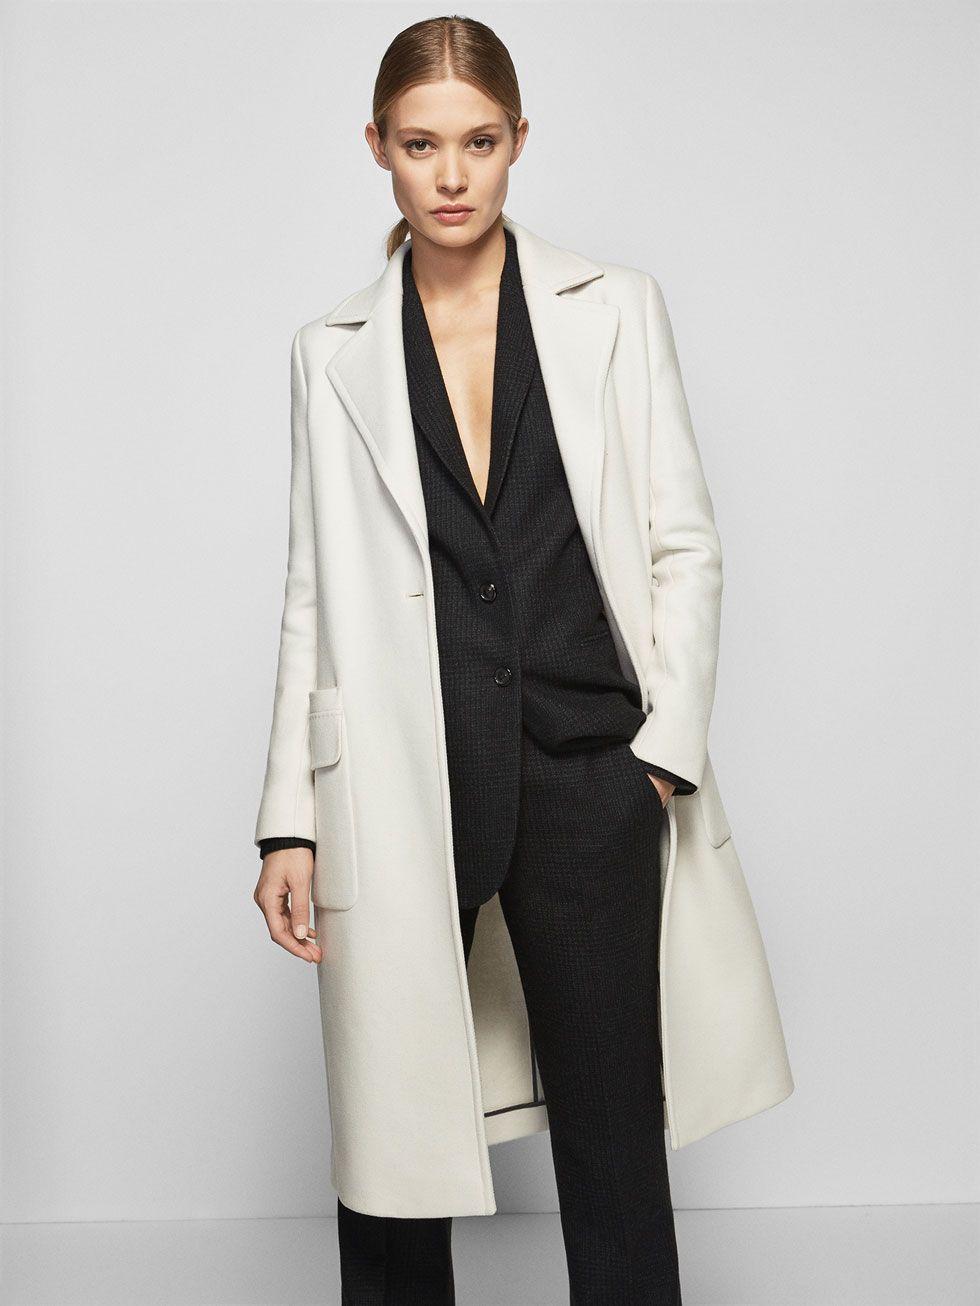 大衣 白色 叠穿 西装 套装